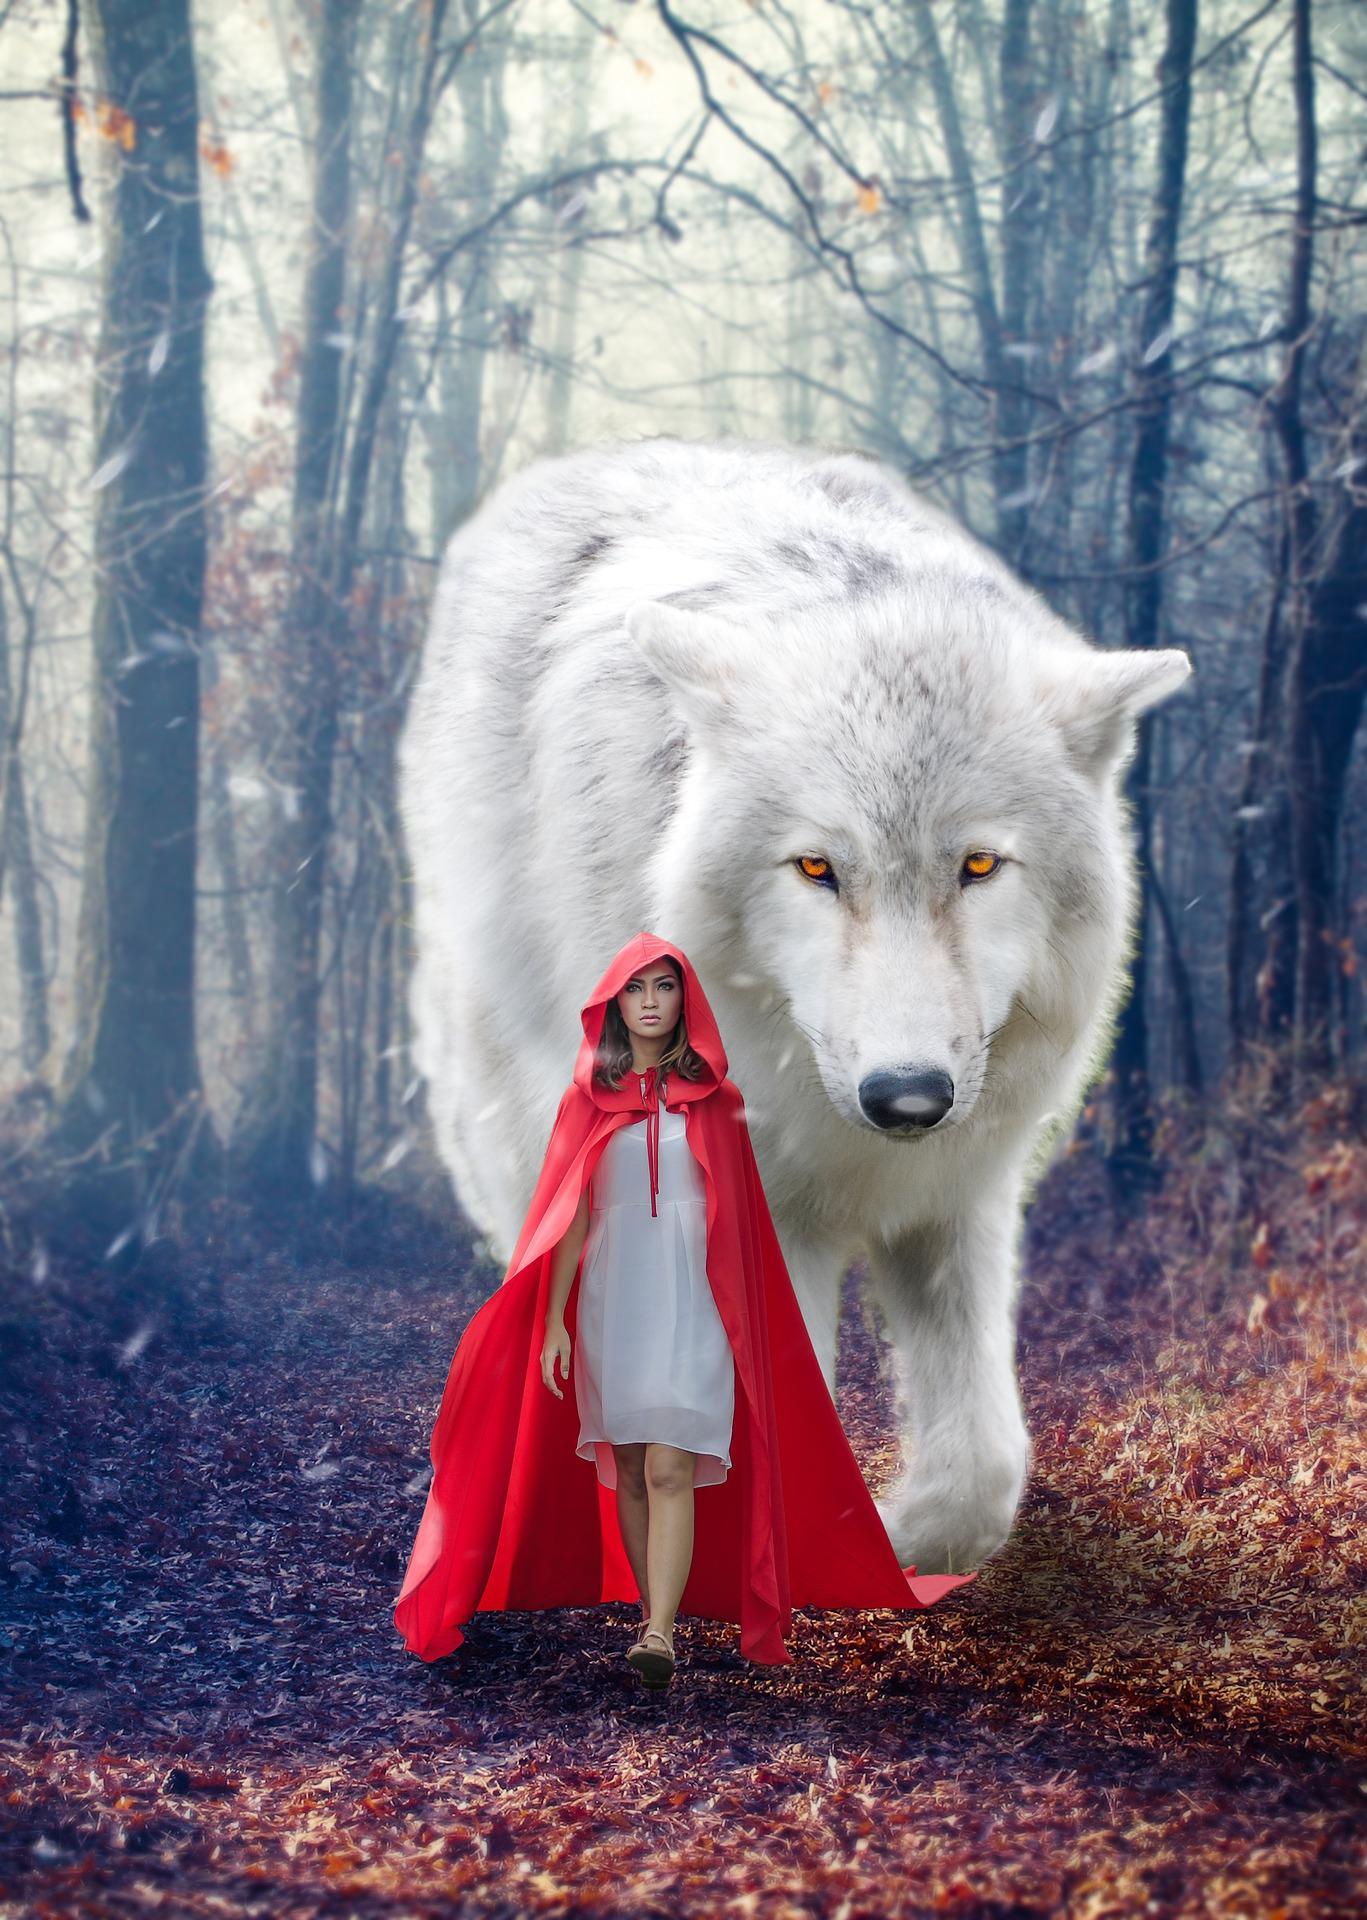 Wolf 5161290 1920